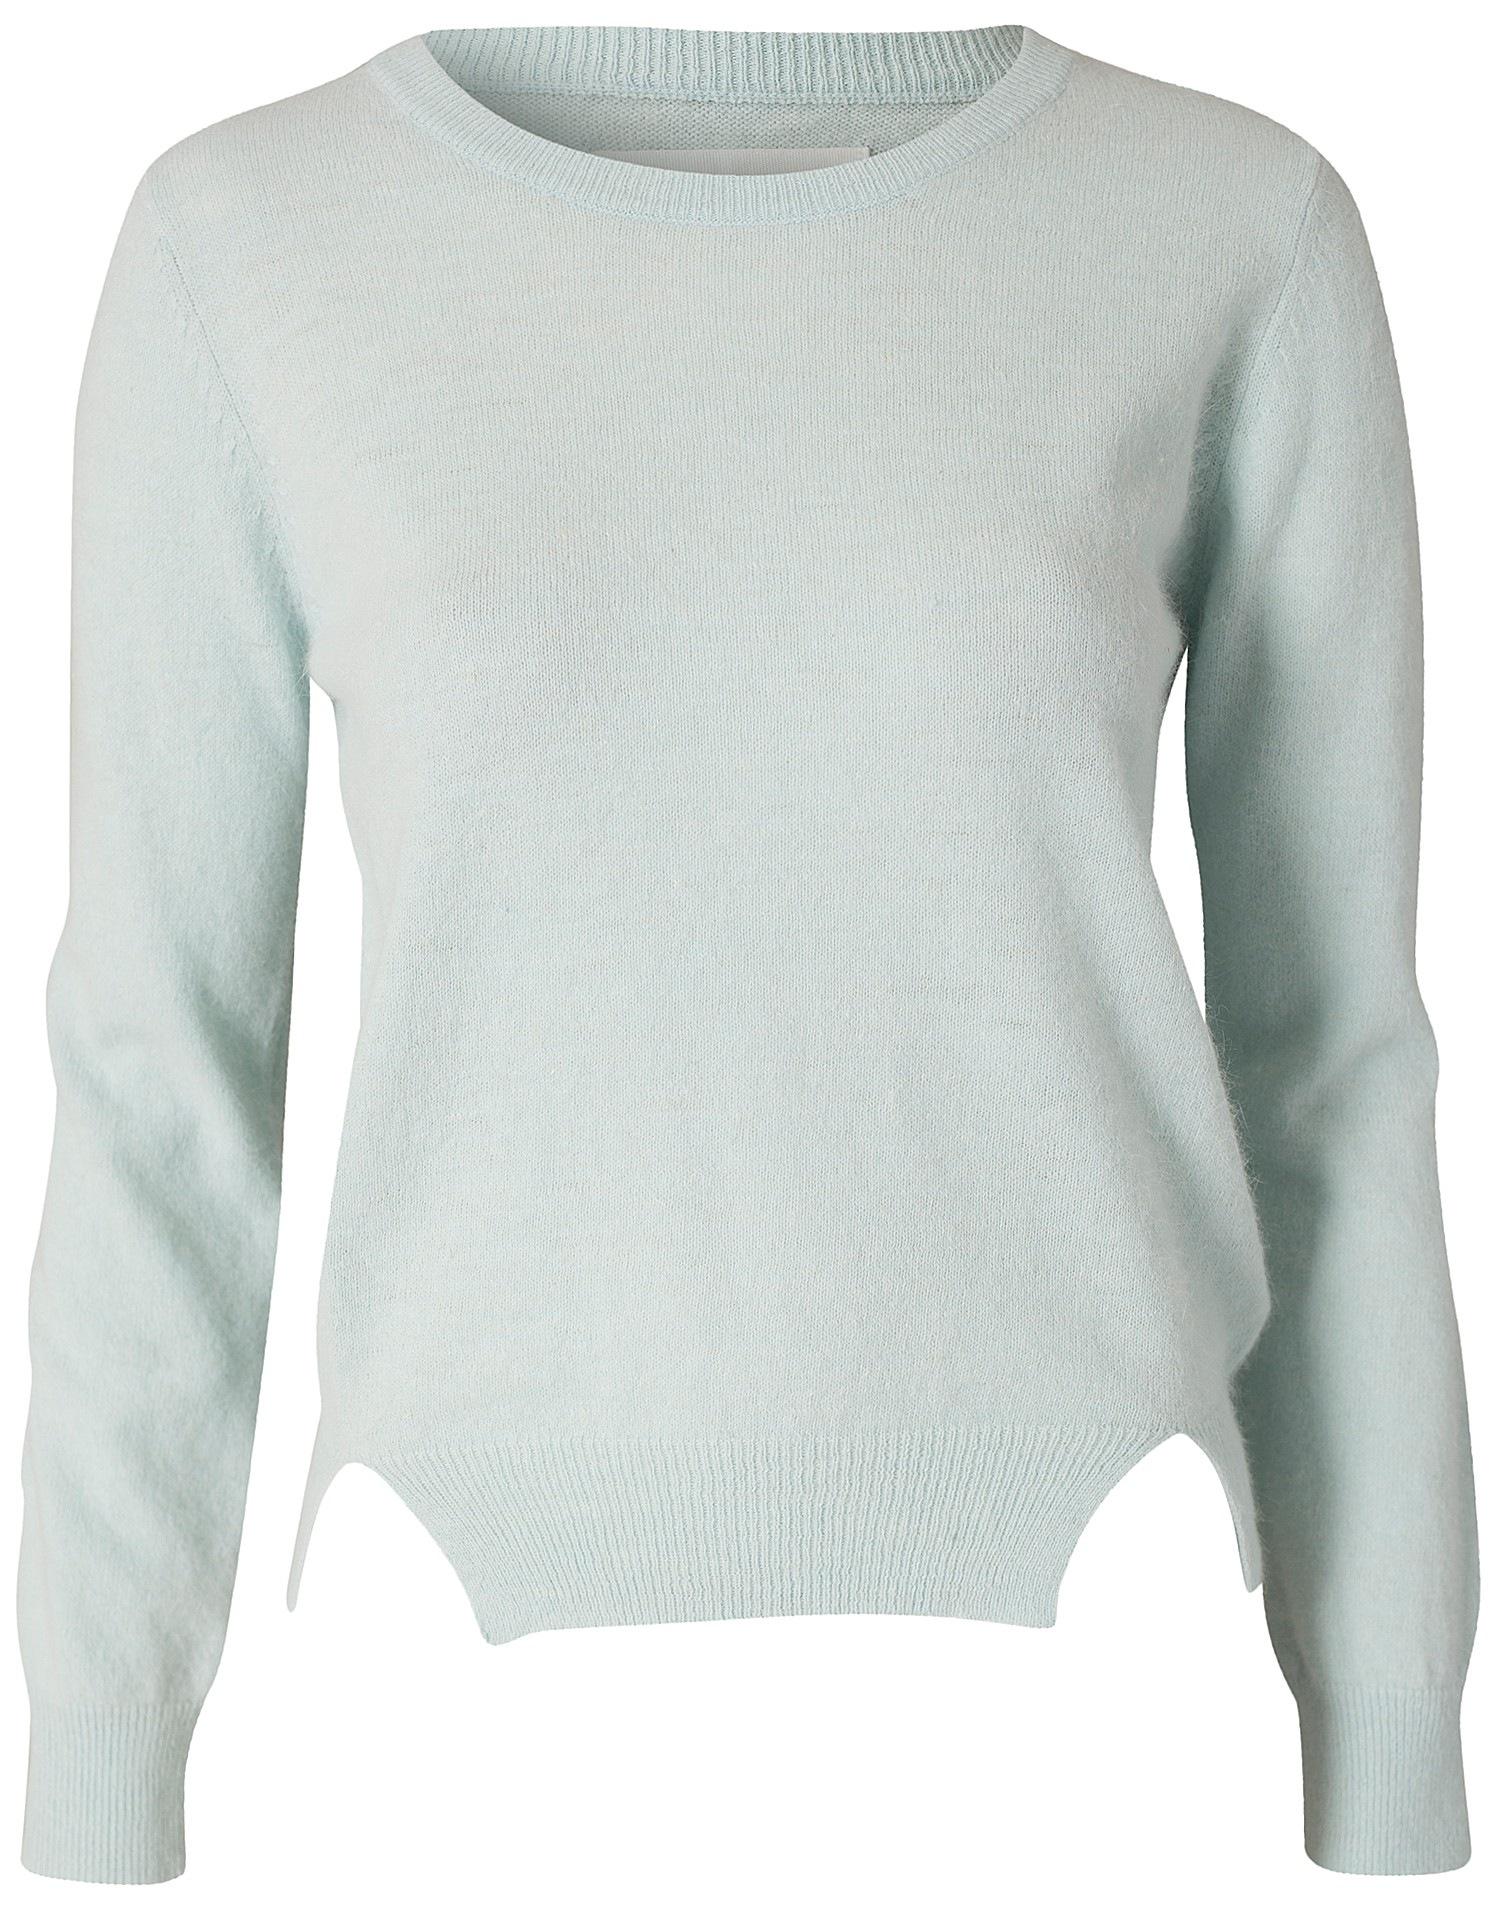 Hold varmen med stil se 25 lækre striktrøjer | Costume.dk